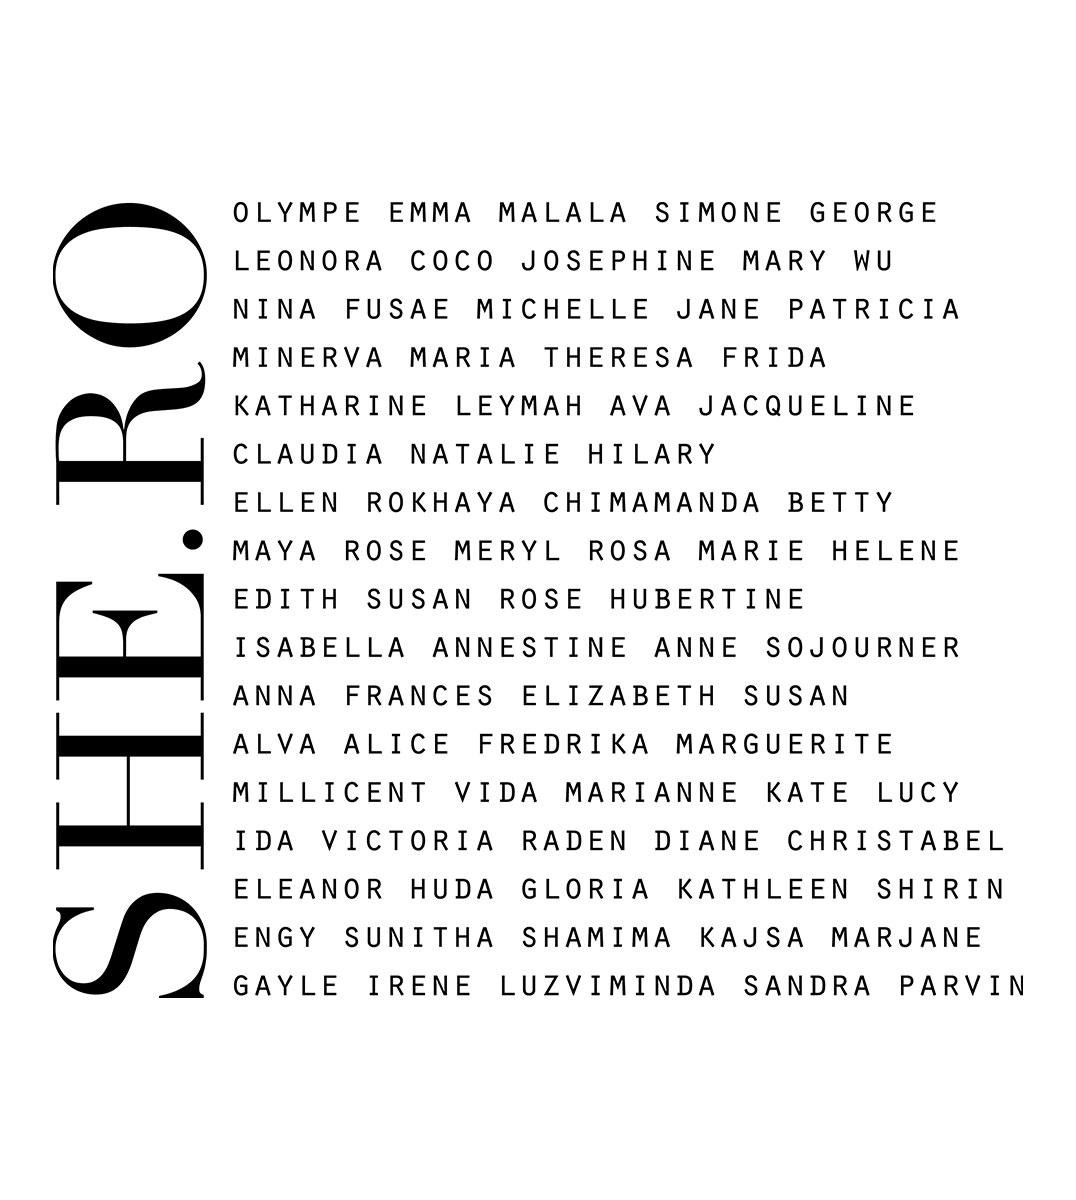 visuel héroïnes, sur ce visuel on retrouve les prénoms de femme qui ont marqués l'histoire